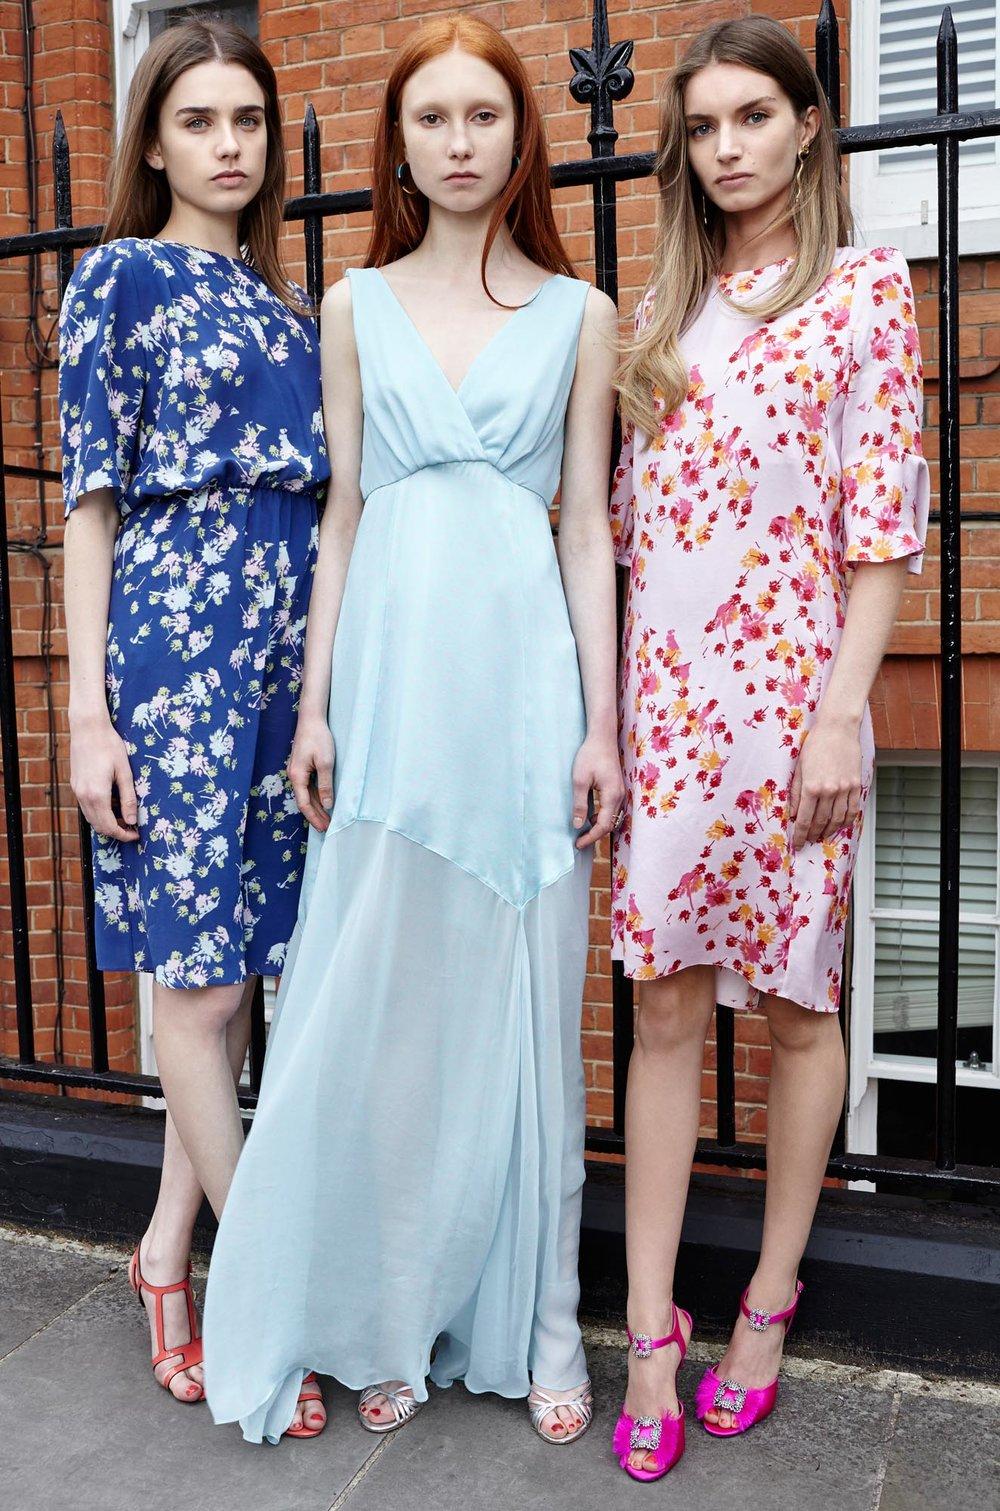 Models wearing Ellie Lines